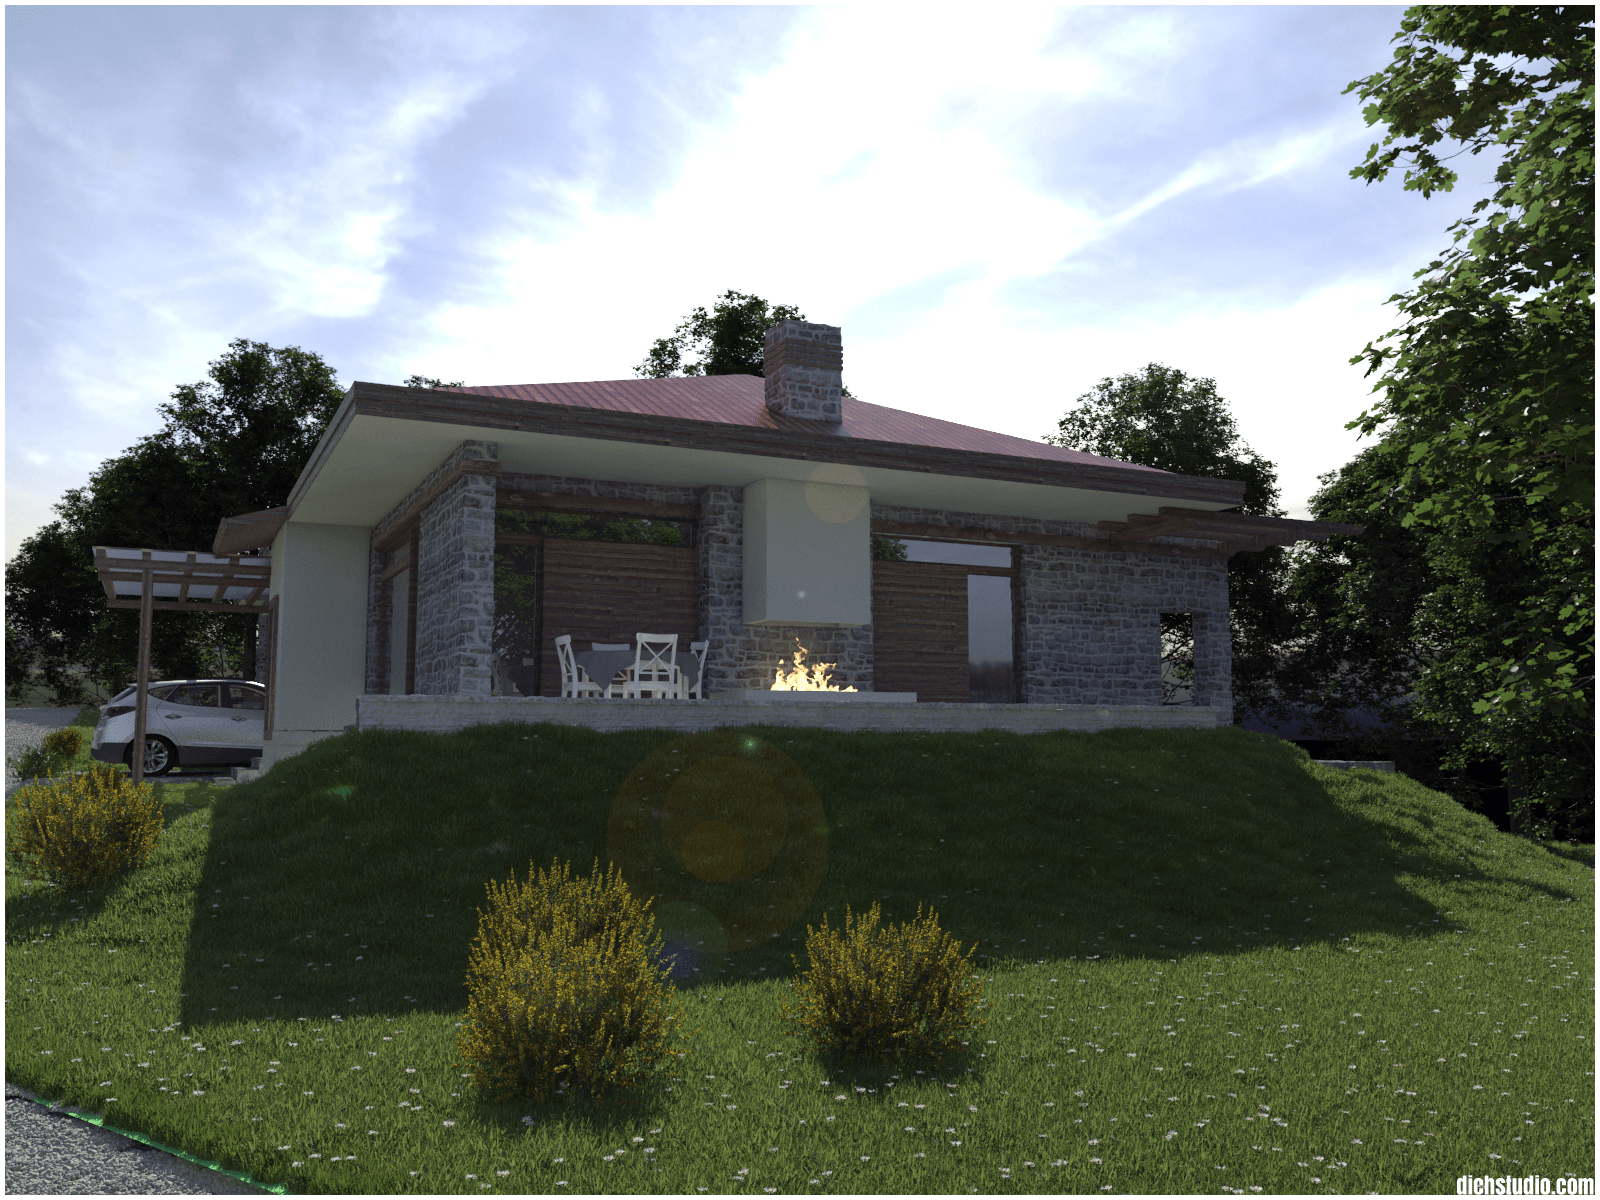 еднофамилна къща - визуализация 5.png